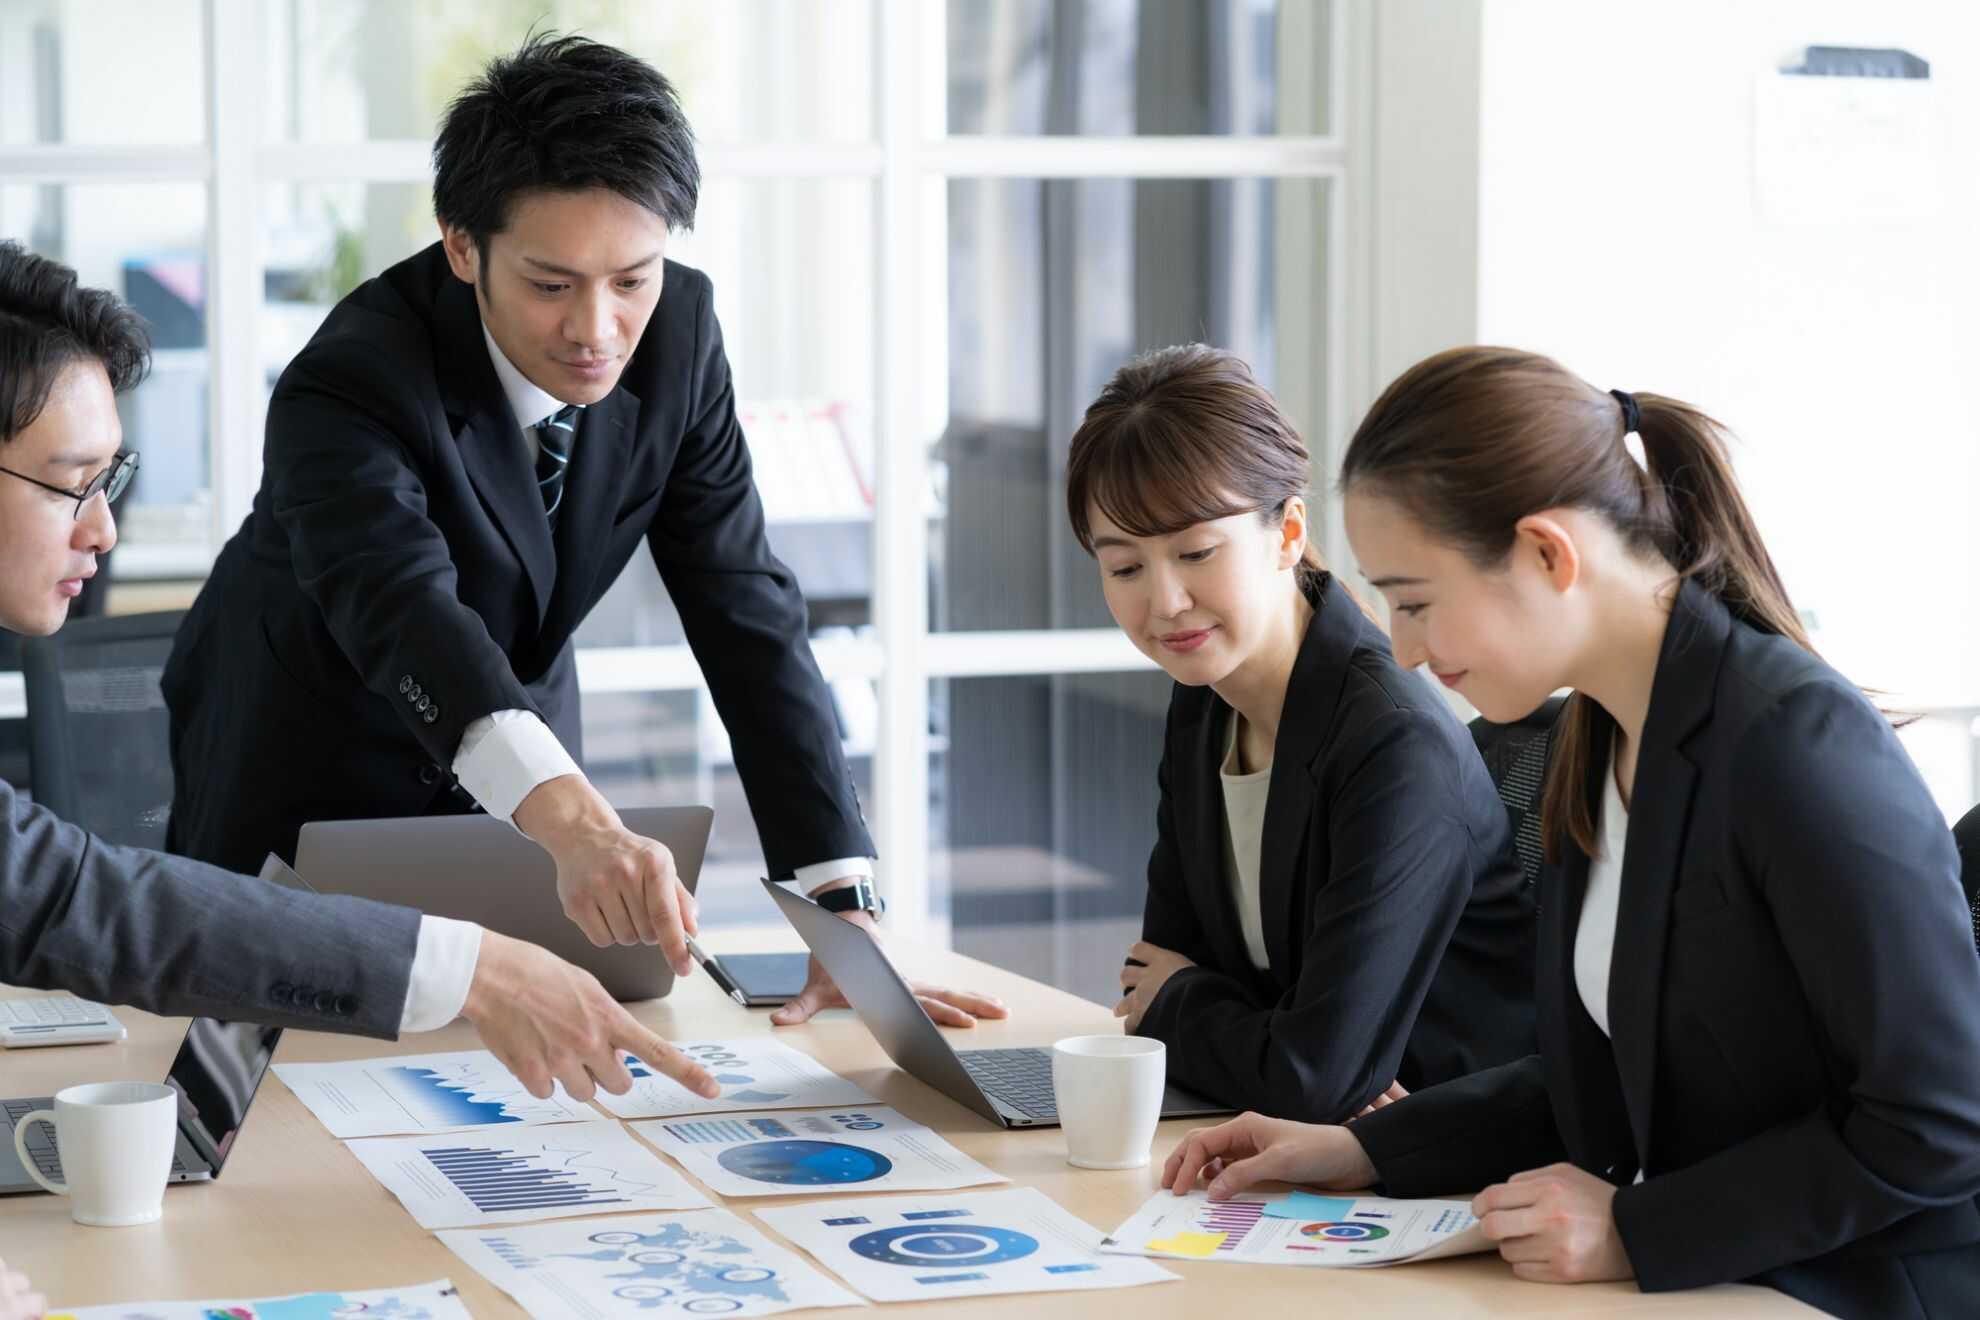 机の上に並んだグラフを見て打ち合わせ中のビジネスパーソン